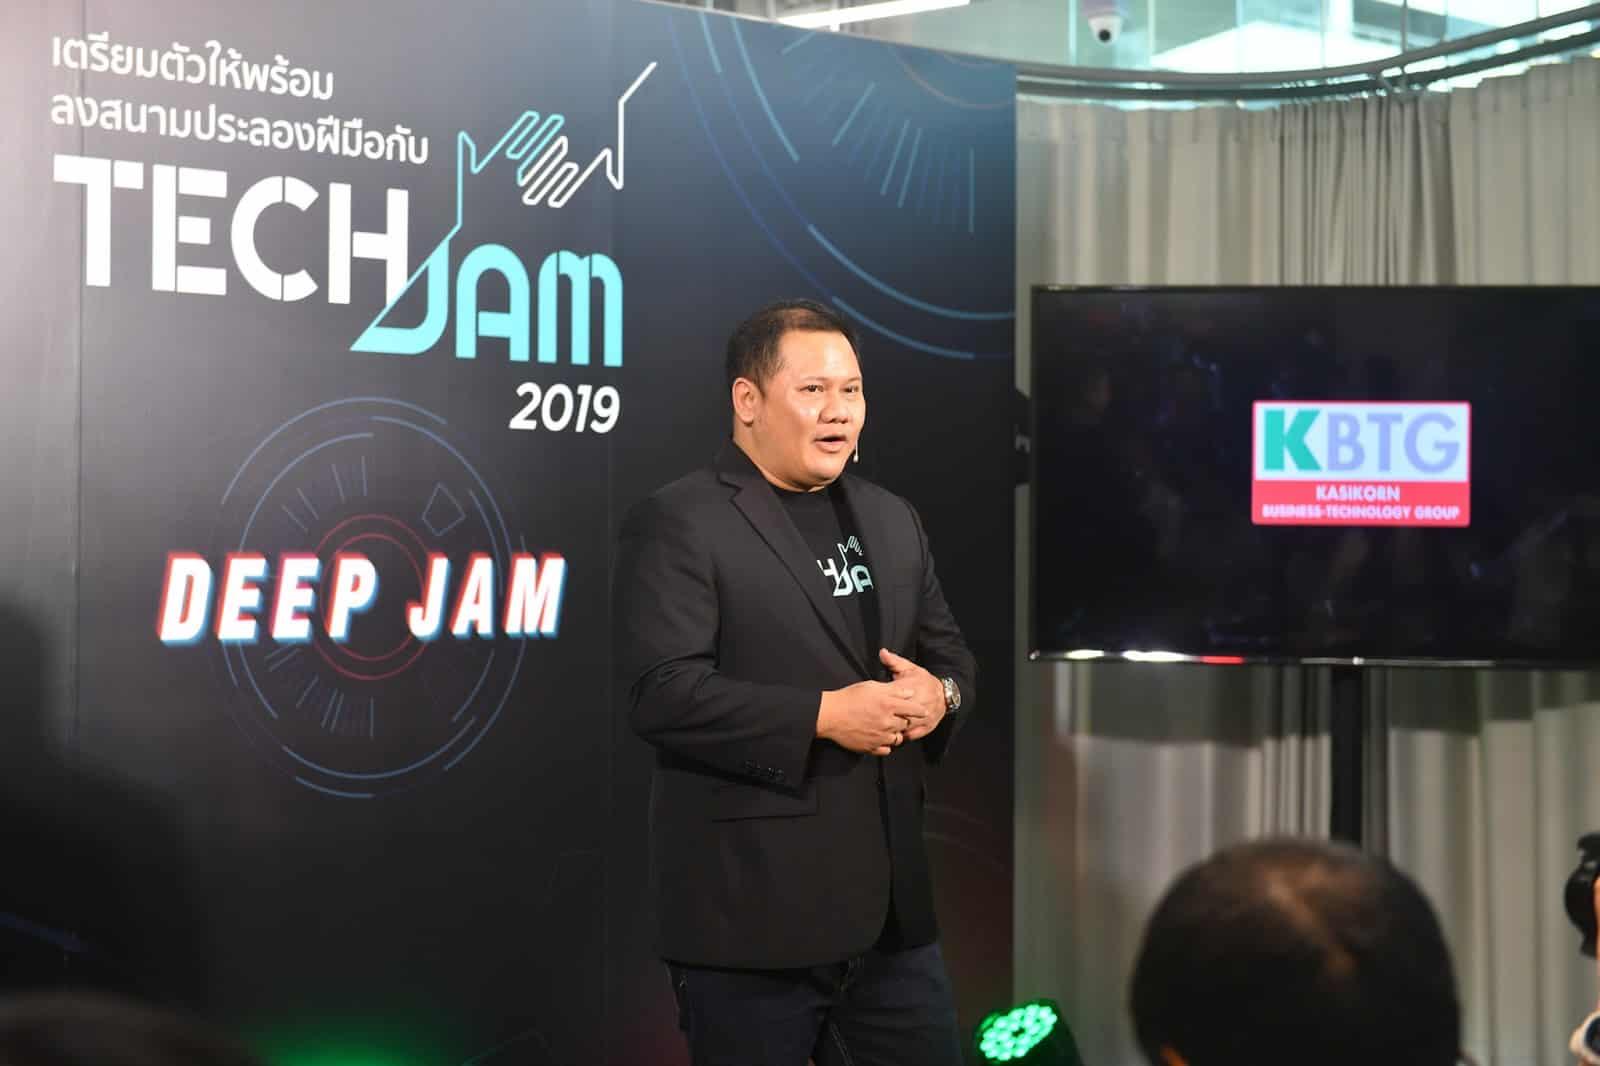 แนะนำงาน TechJam 2019 by KBTG แข่ง Data ทำ Machine Learning ชิงเงินแสน และตั๋วบินไปดูงานที่ Silicon Valley ประเทศอเมริกา 1